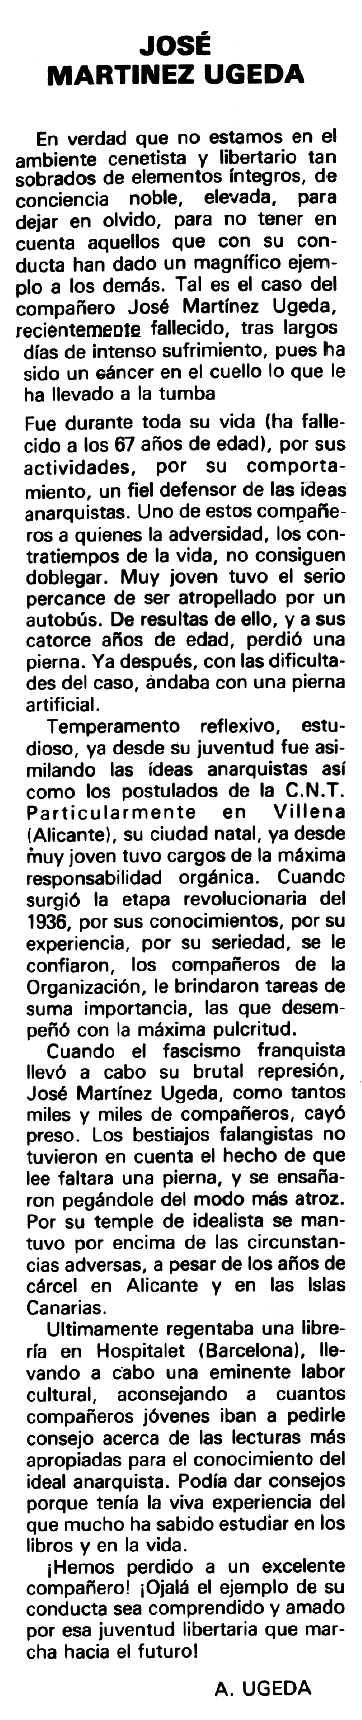 """Necrològica de José Martínez Ugeda apareguda en el periòdic tolosà """"Cenit"""" del 8 de febrer de 1981"""